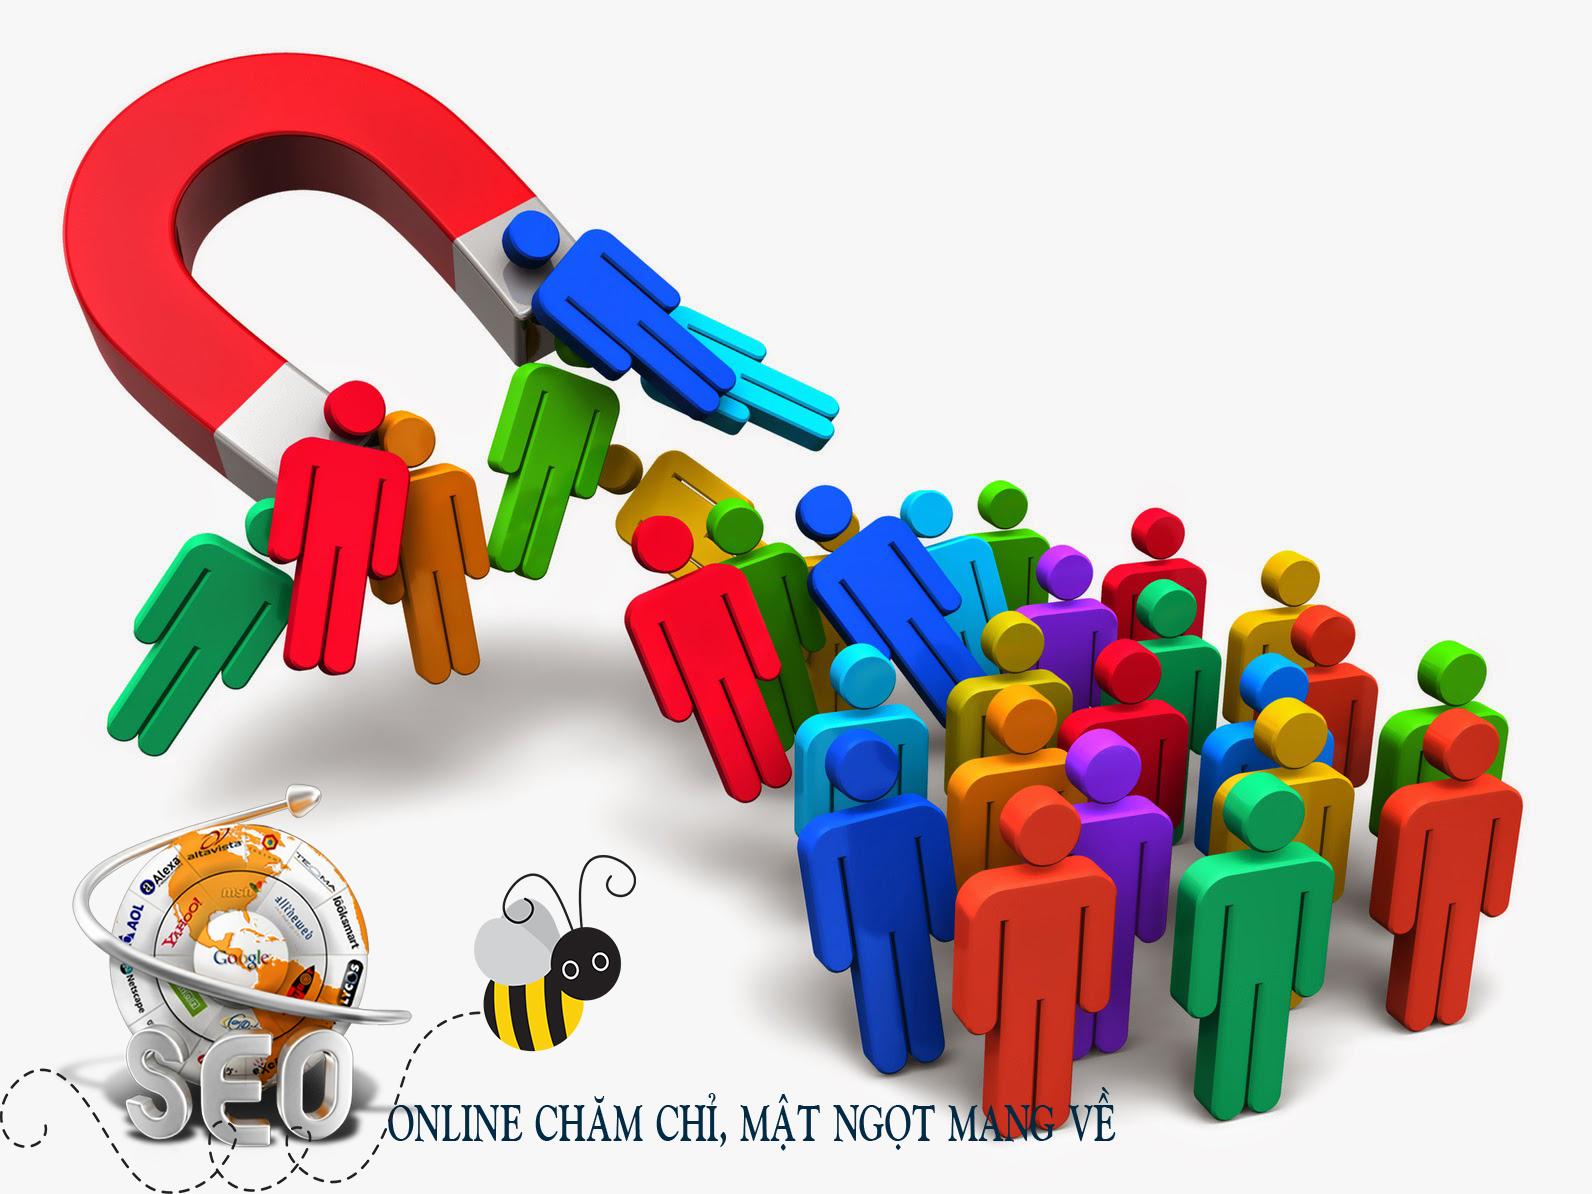 Lấy khách hàng từ đối thủ cạnh tranh uy tín chuyên nghiệp